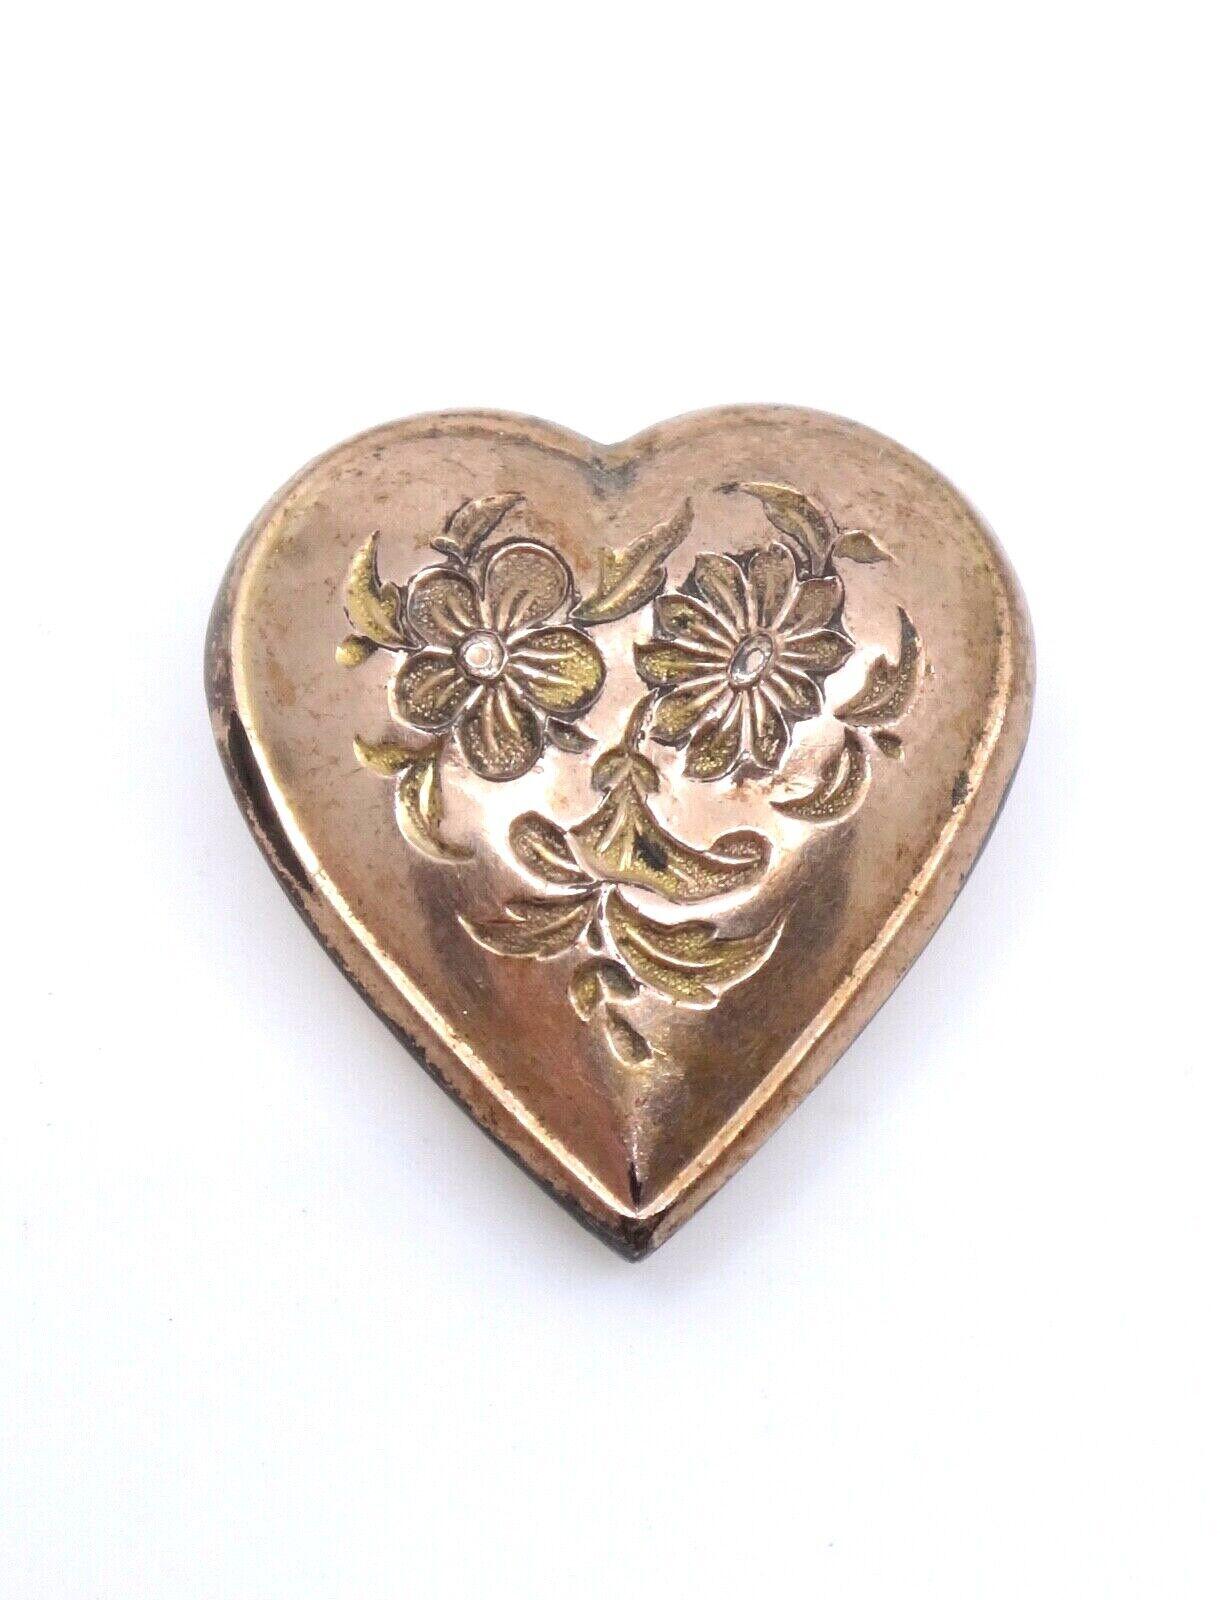 Ancien coulant de croix Jeannette forme coeur ciselé plaqué or XIXeme